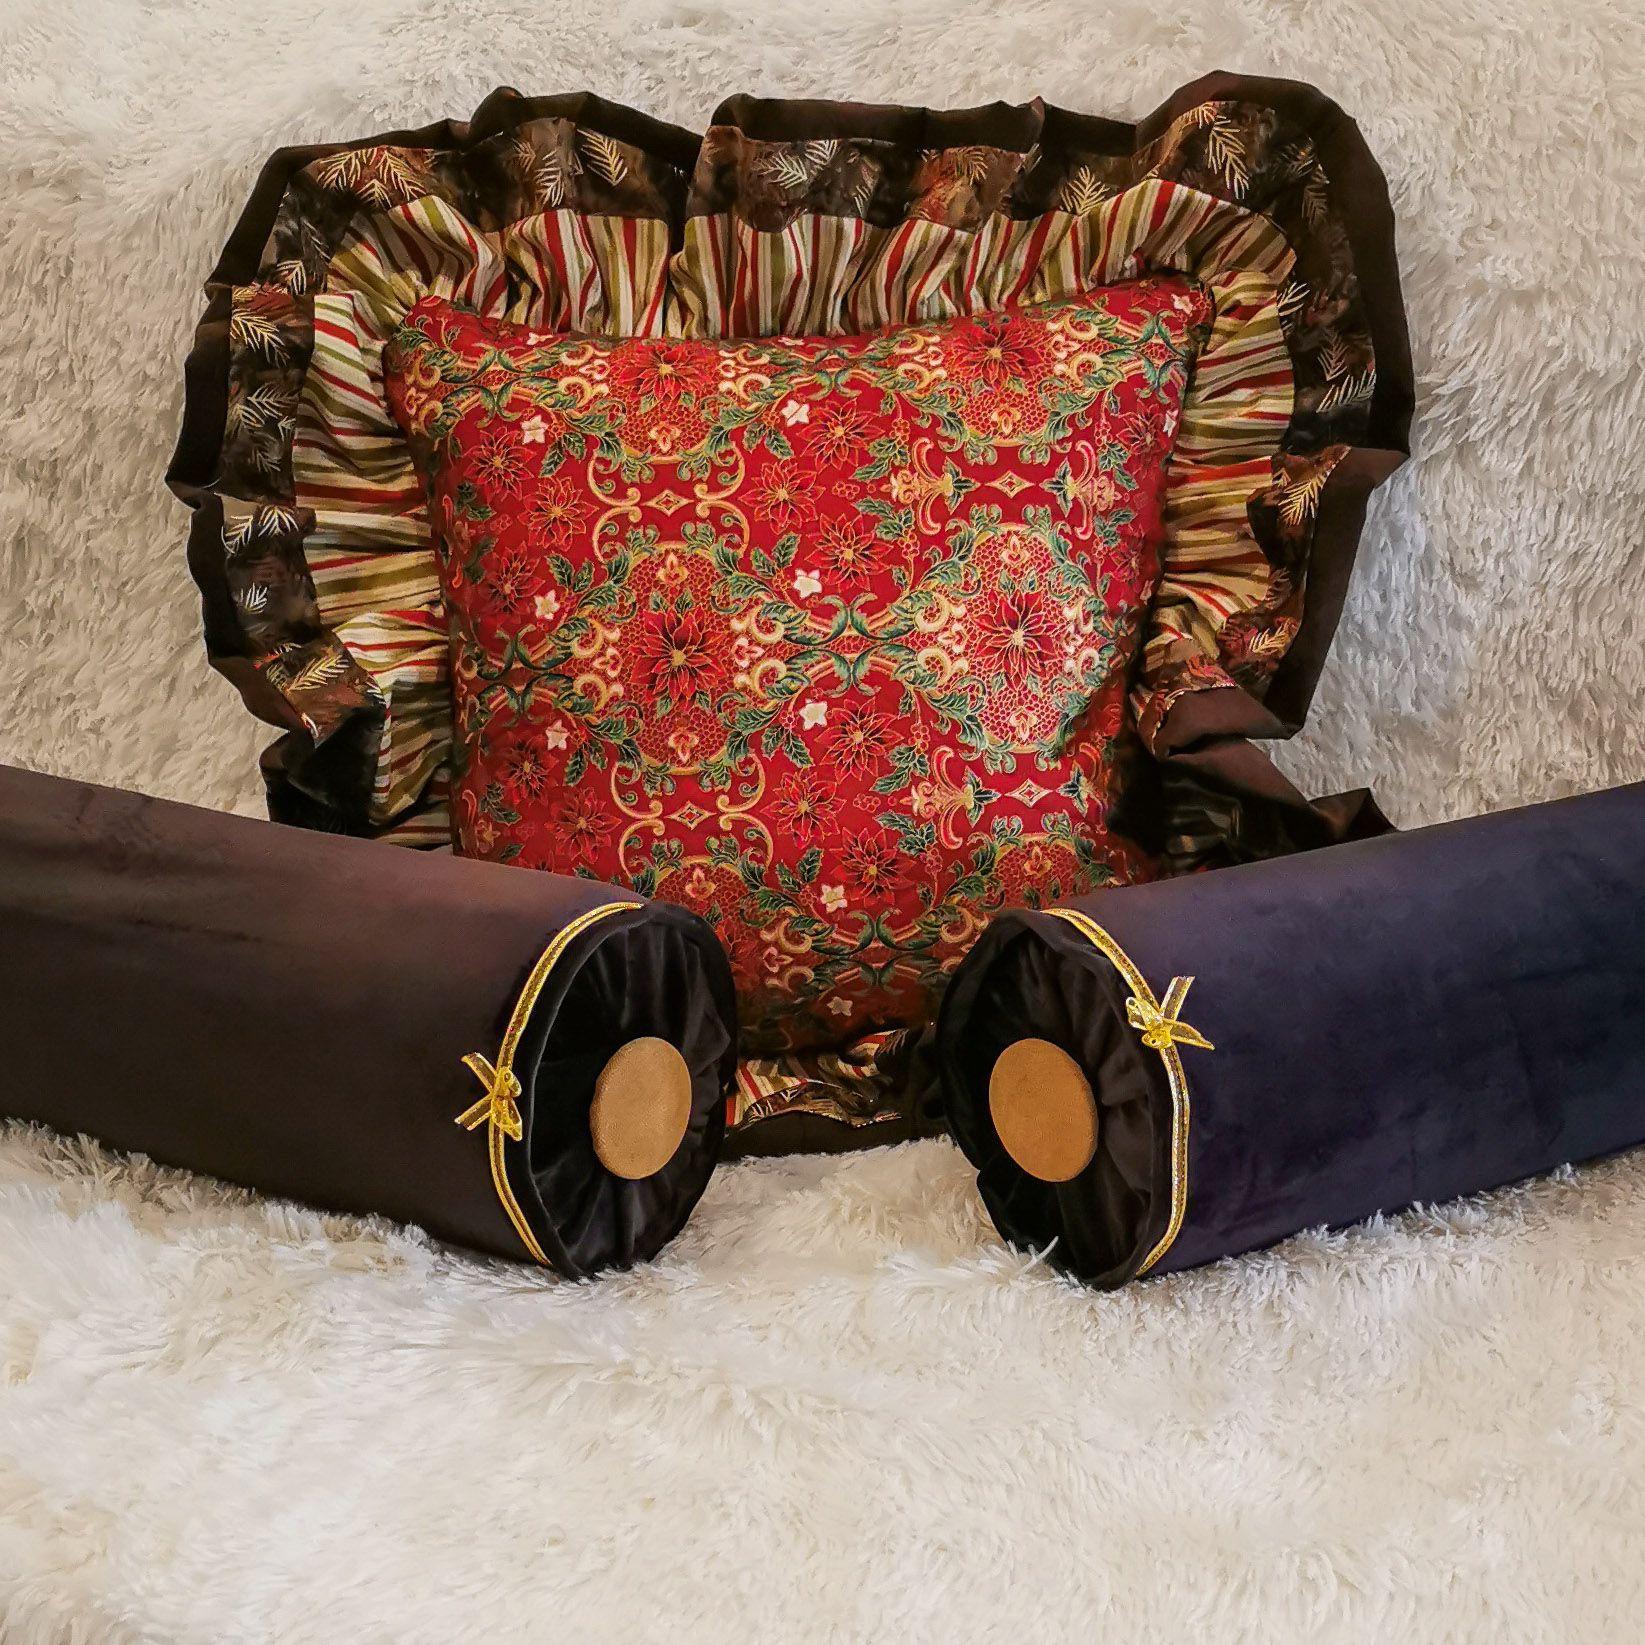 Pin By Domowe Dekorracje On Poduszki Inspiracje Gucci Mules Fashion Mule Shoe